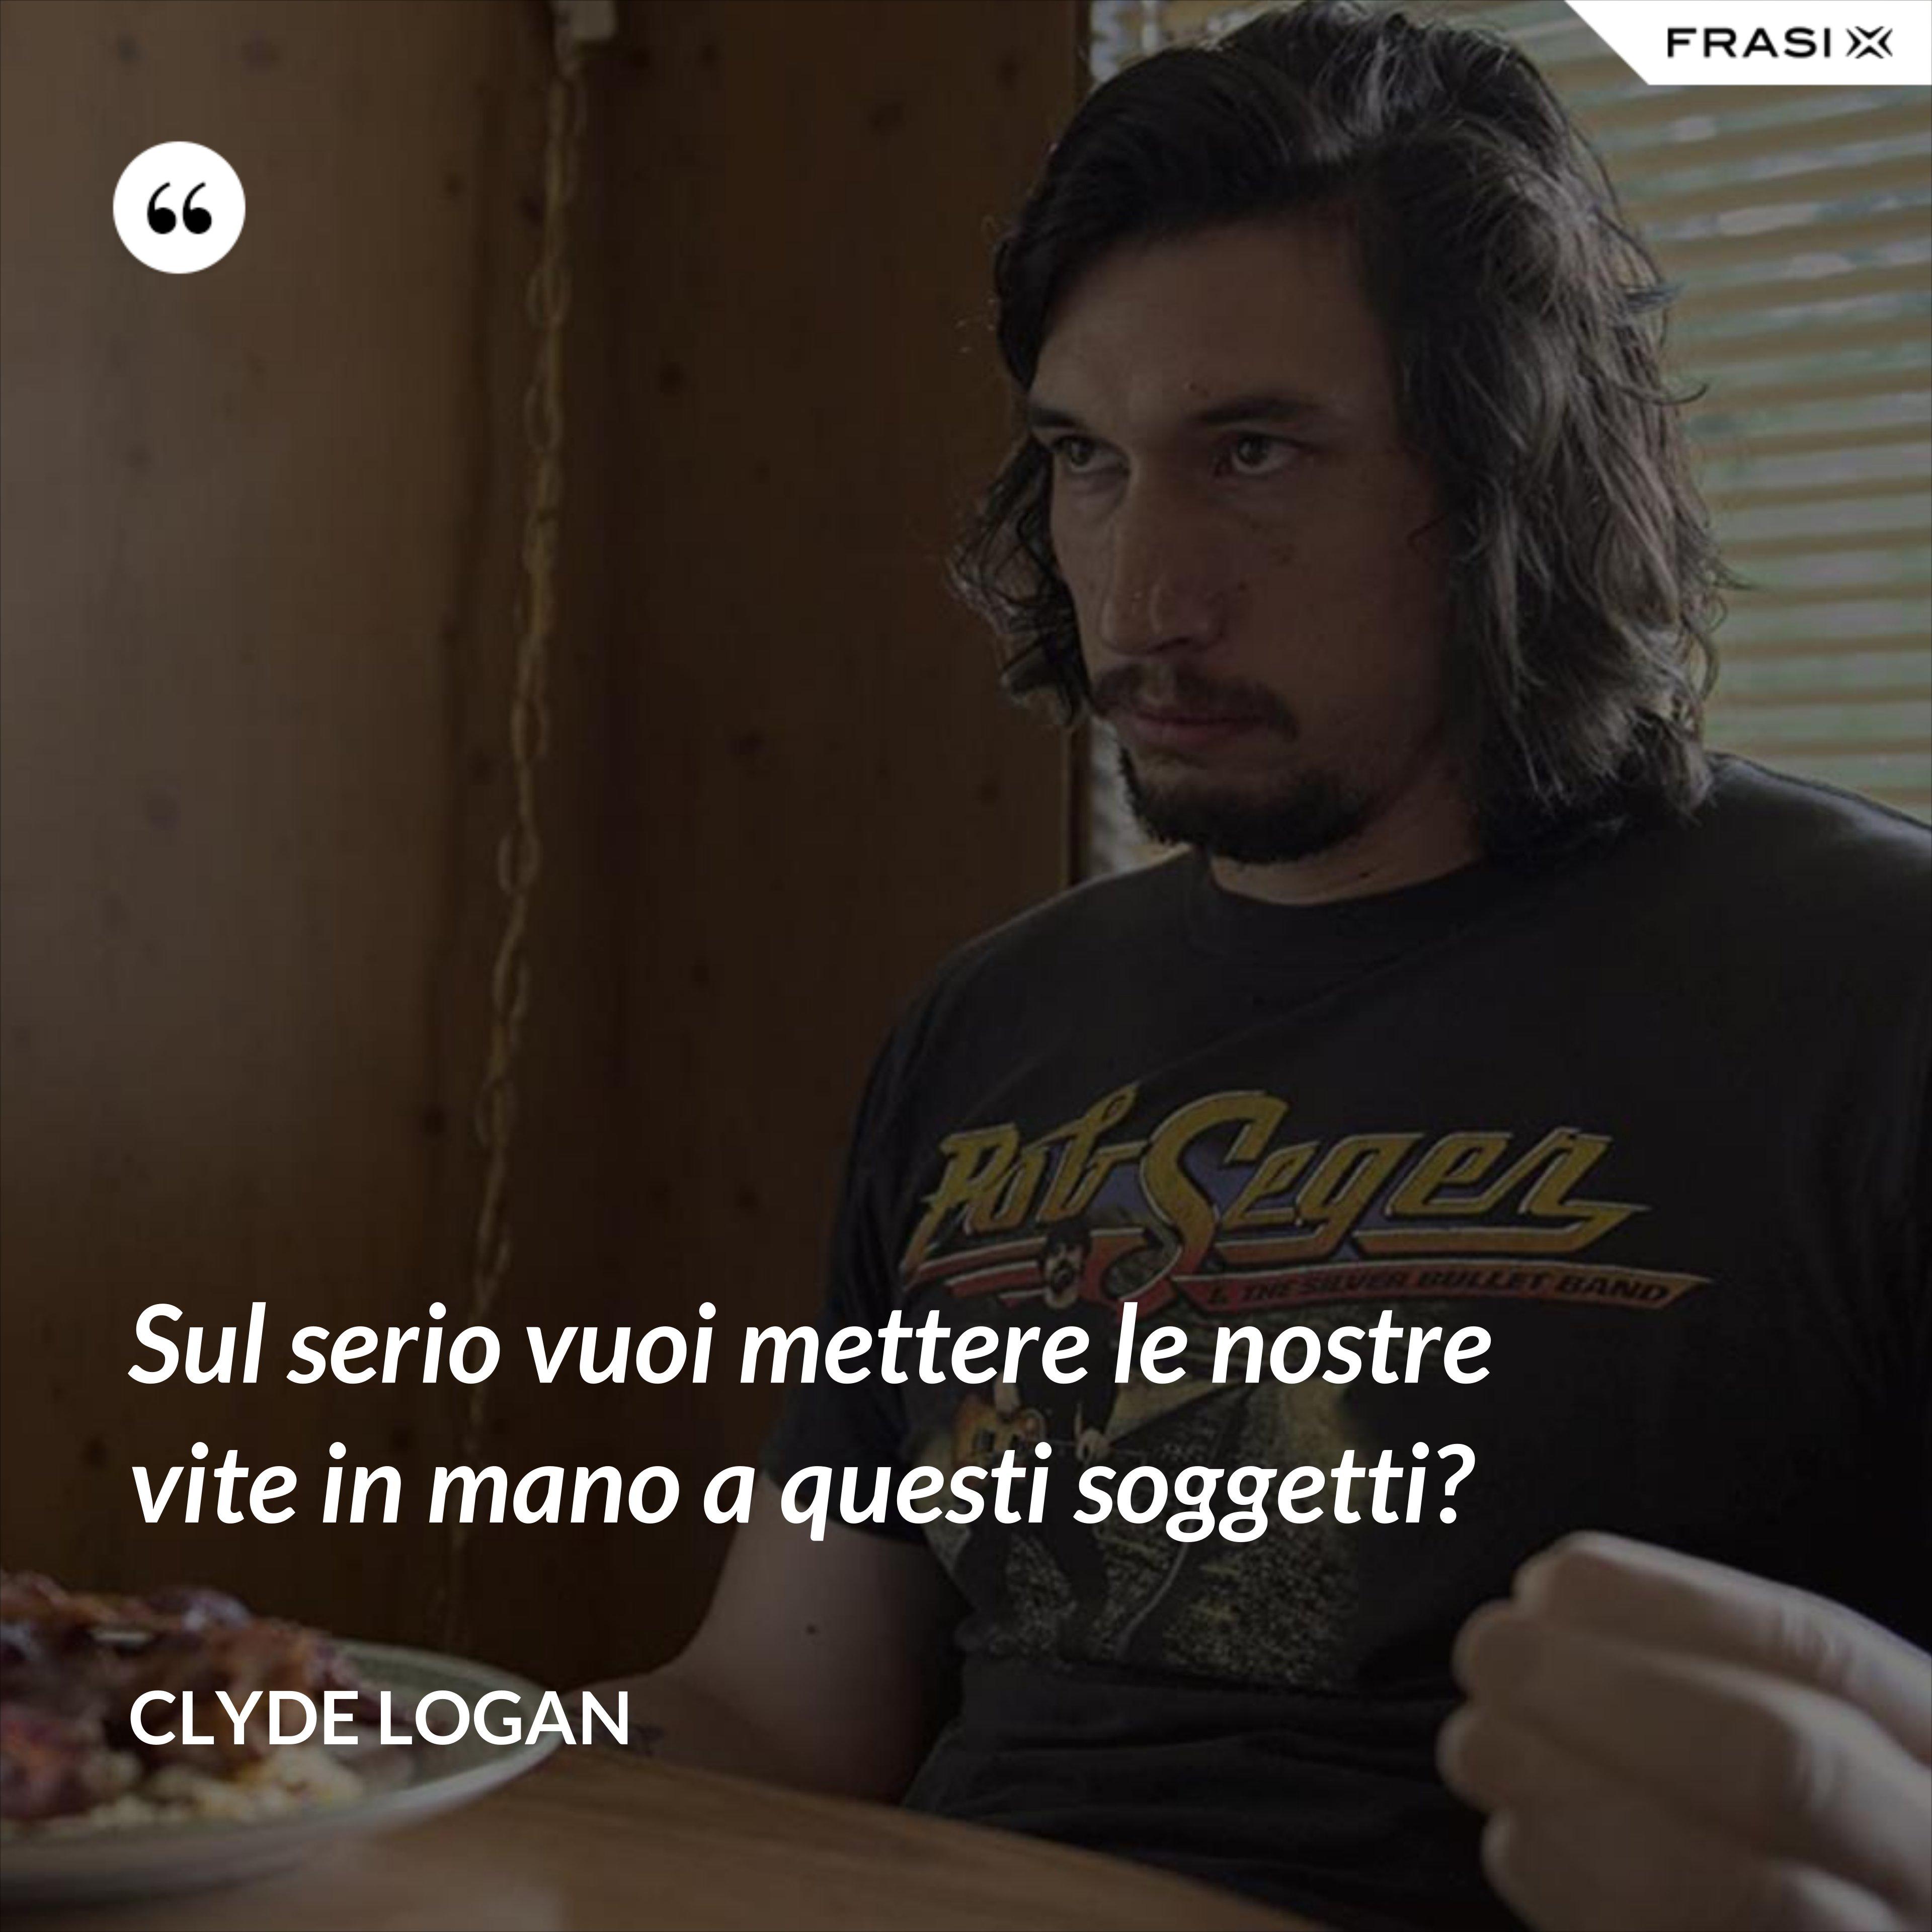 Sul serio vuoi mettere le nostre vite in mano a questi soggetti? - Clyde Logan